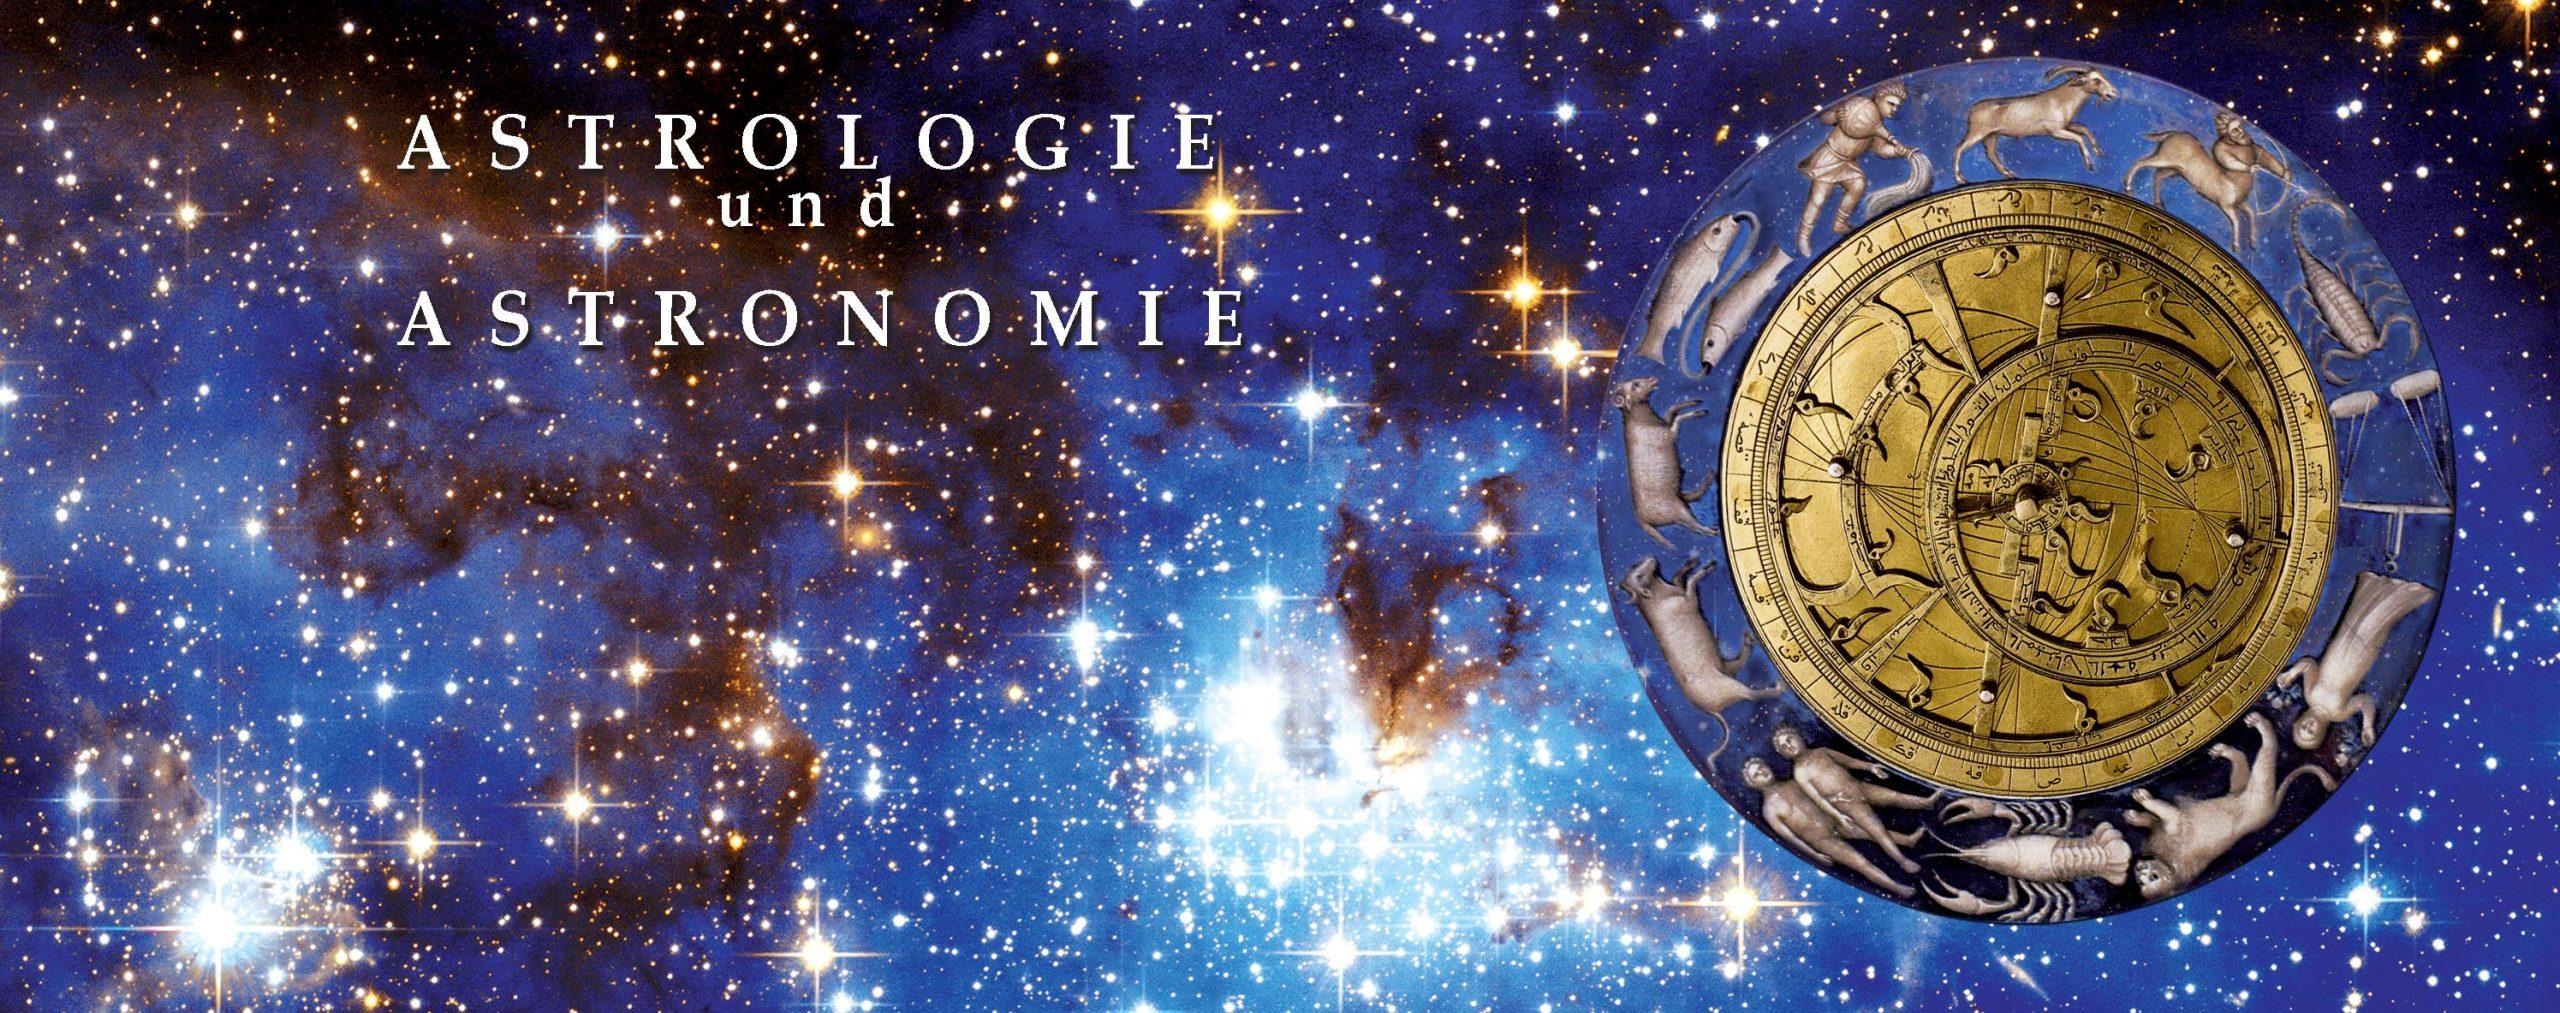 ASTROLOGIA sito internet 2